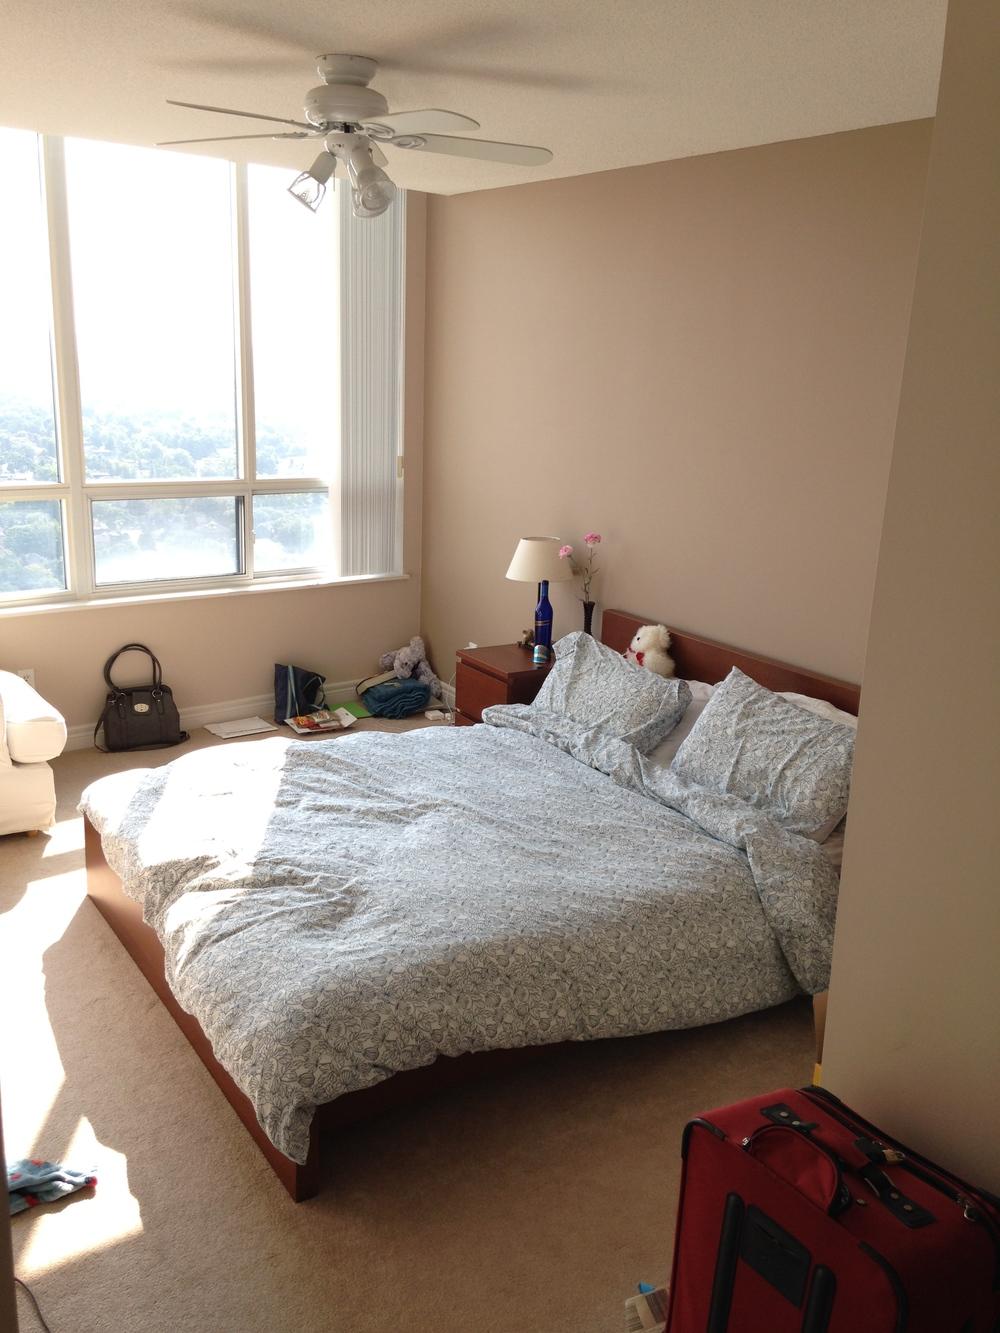 Bedroom all set up